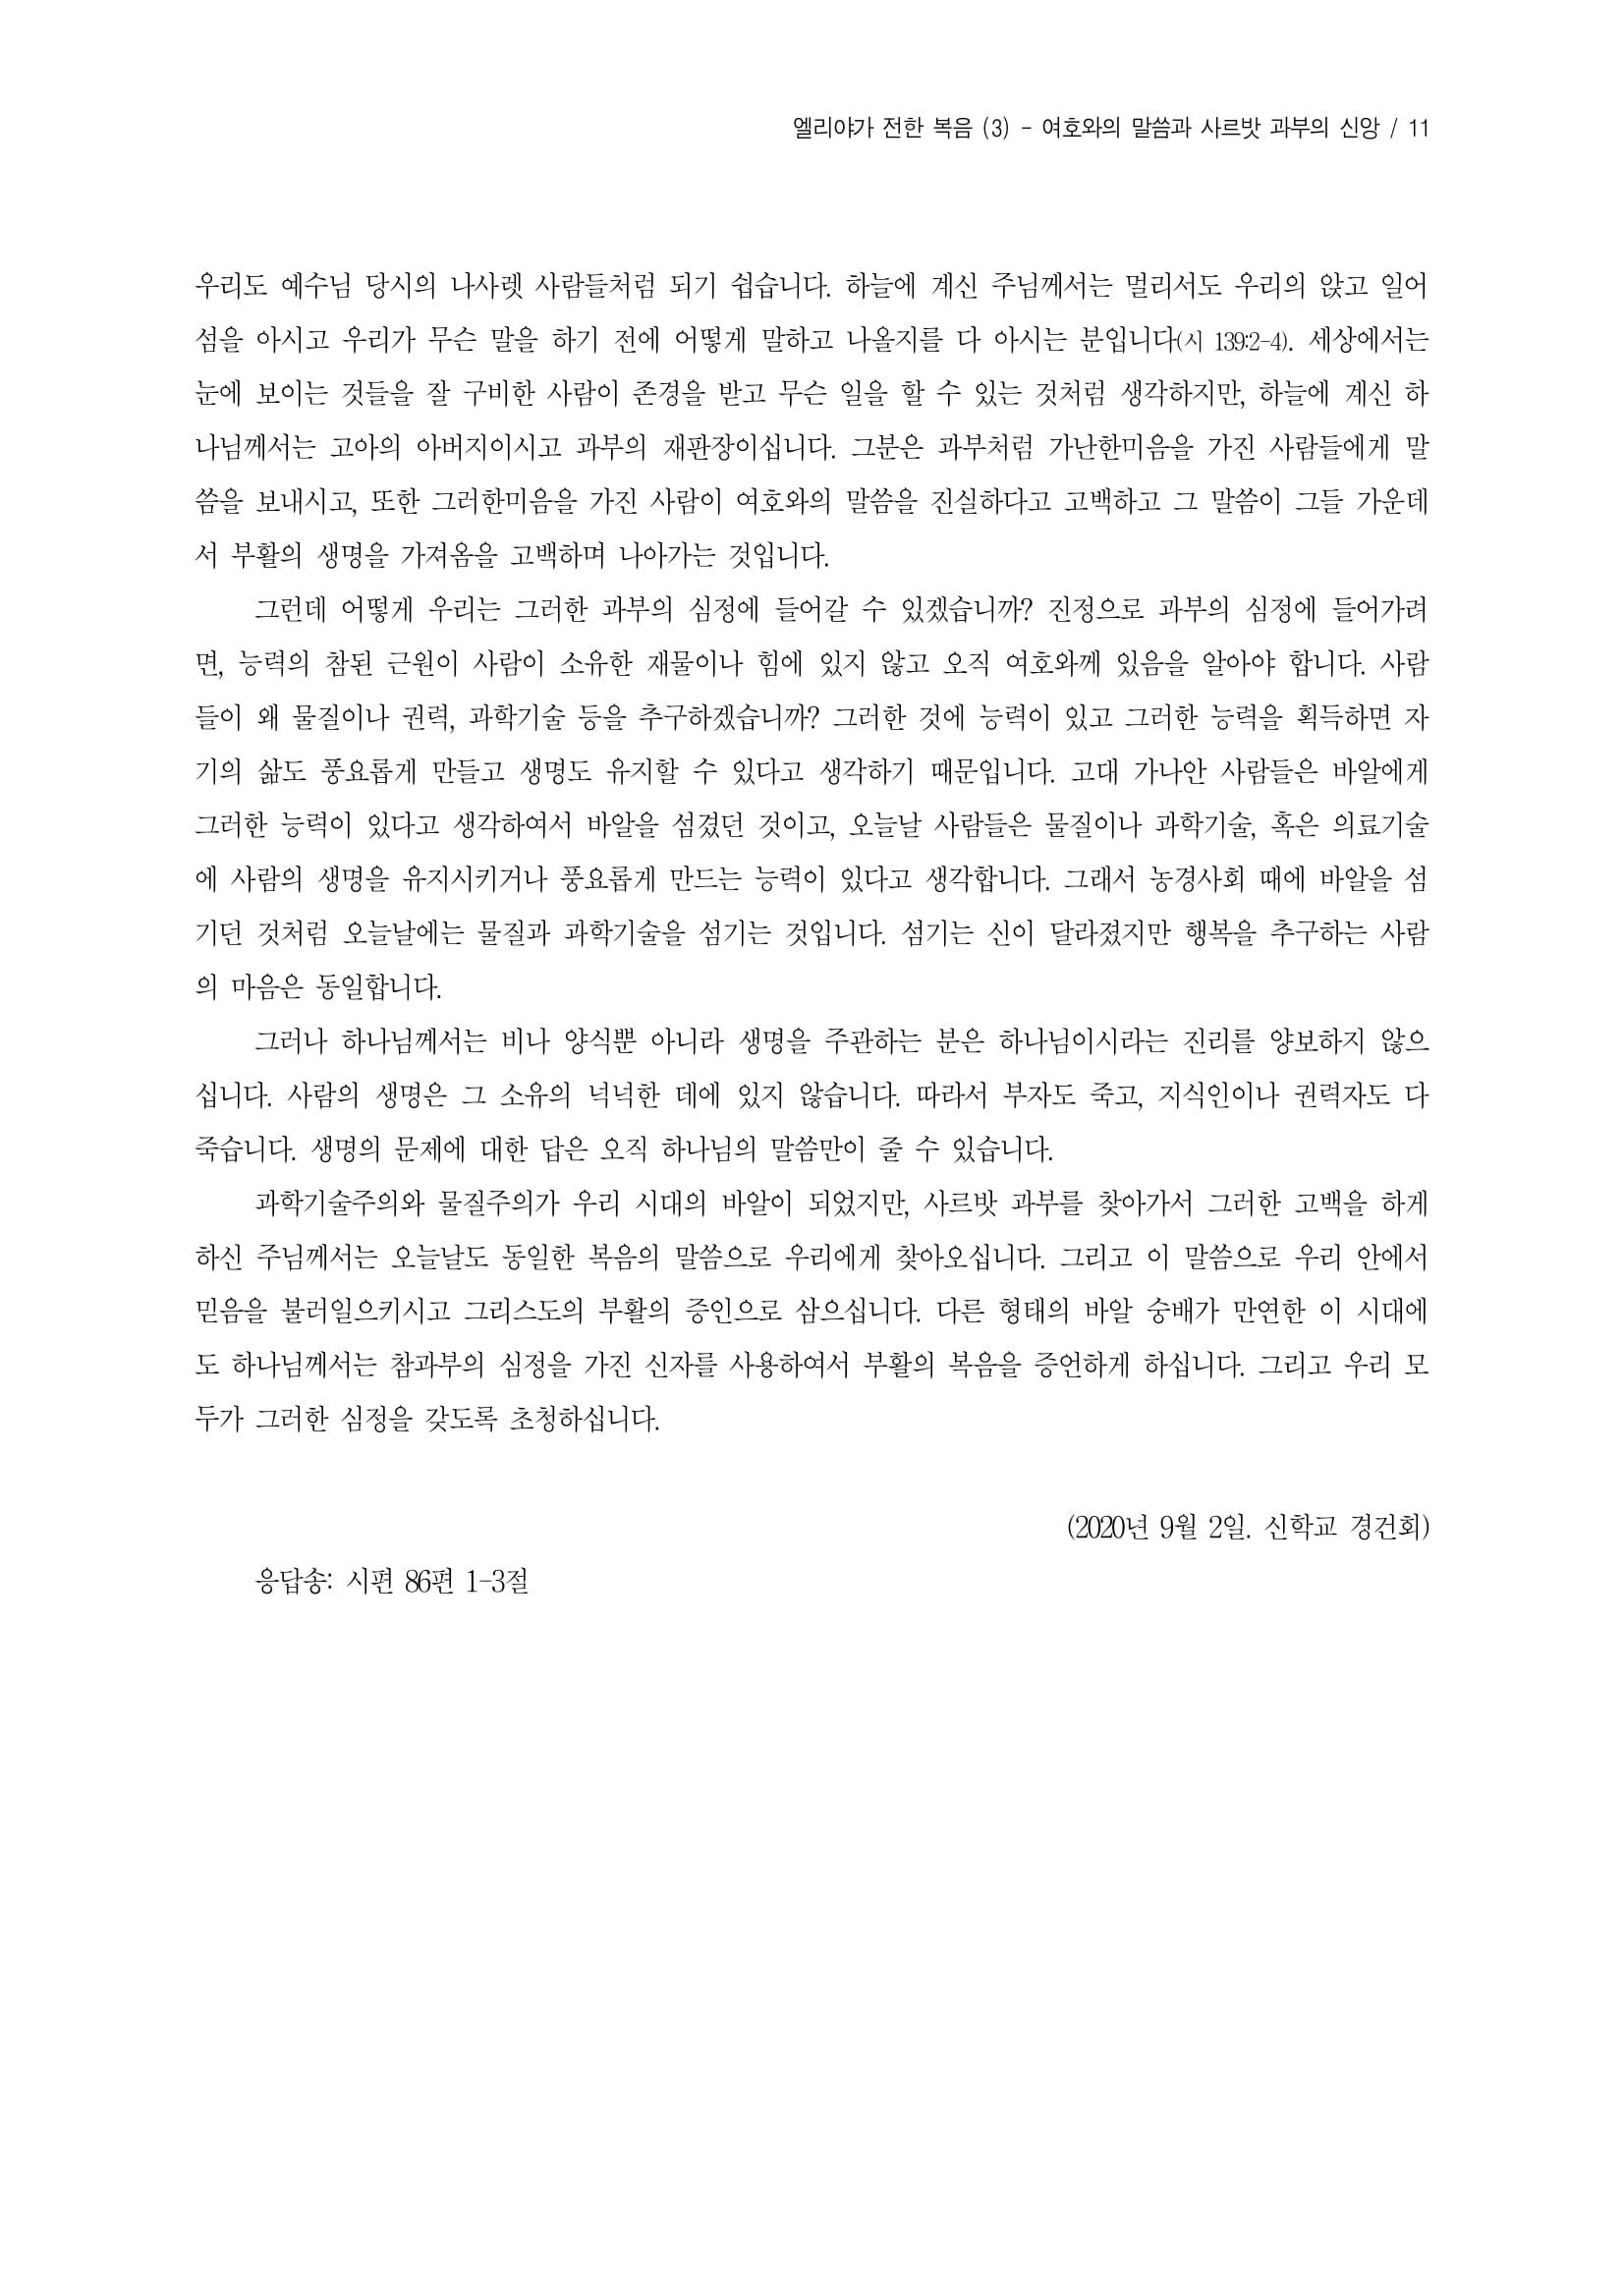 엘리야(3)-여호와의 말씀과 사르밧과부의 신앙_왕상17장-10.jpg